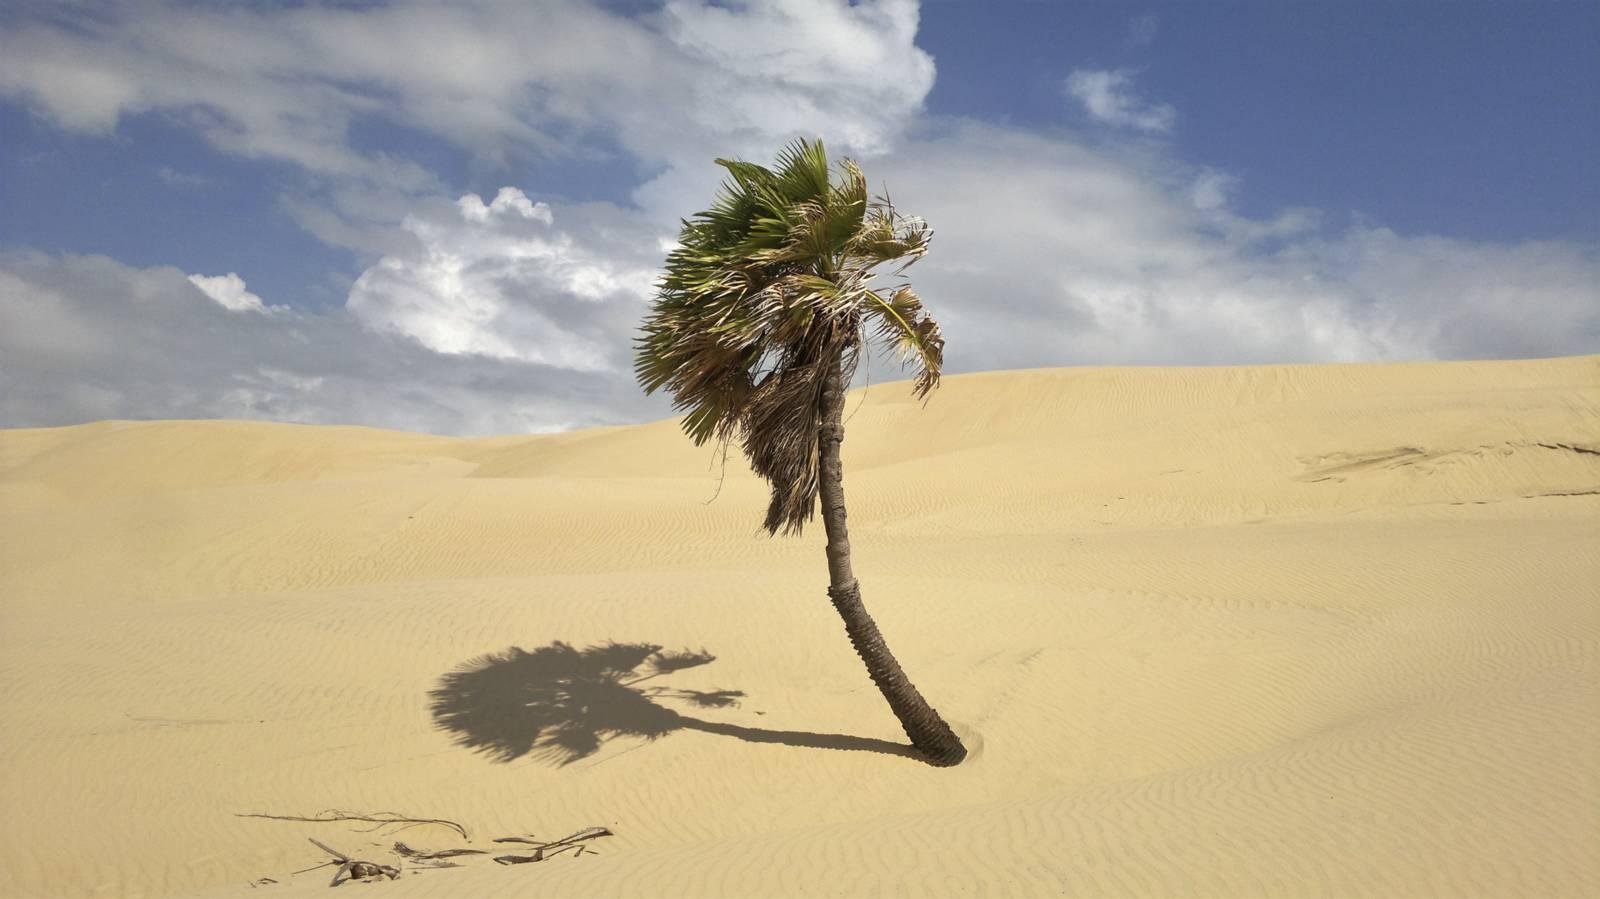 Brasile-palma-deserto-lencois-maranhenses